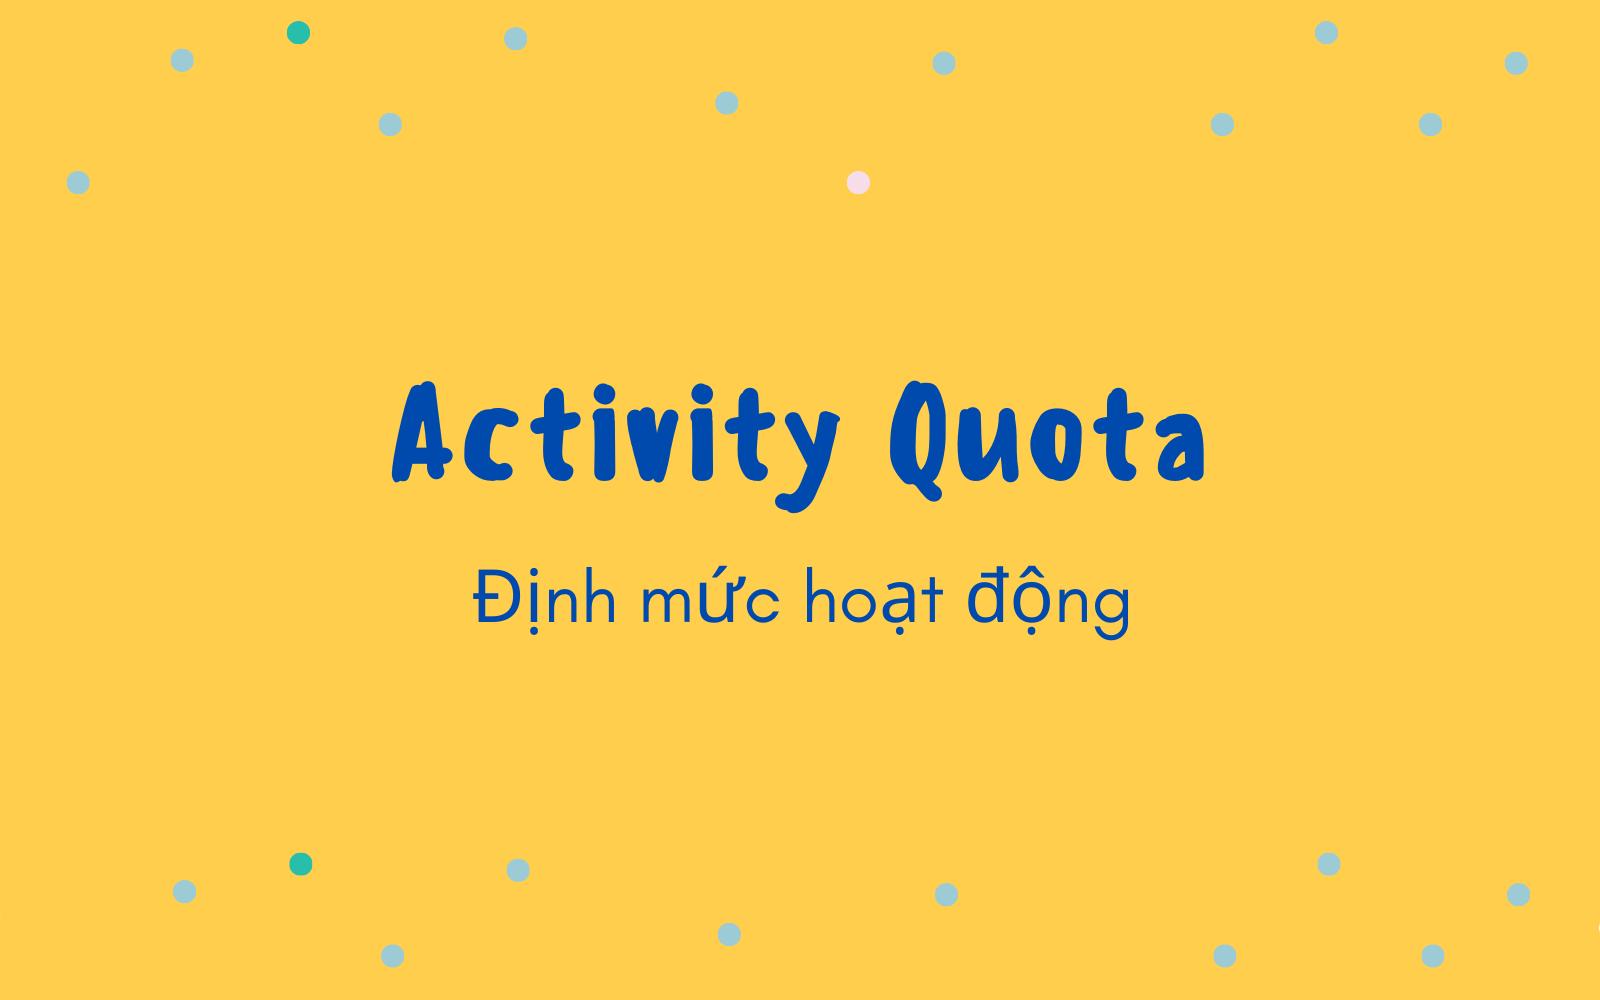 Định mức hoạt động (Activity Quota) là gì? Nội dung về định mức hoạt động - Ảnh 1.